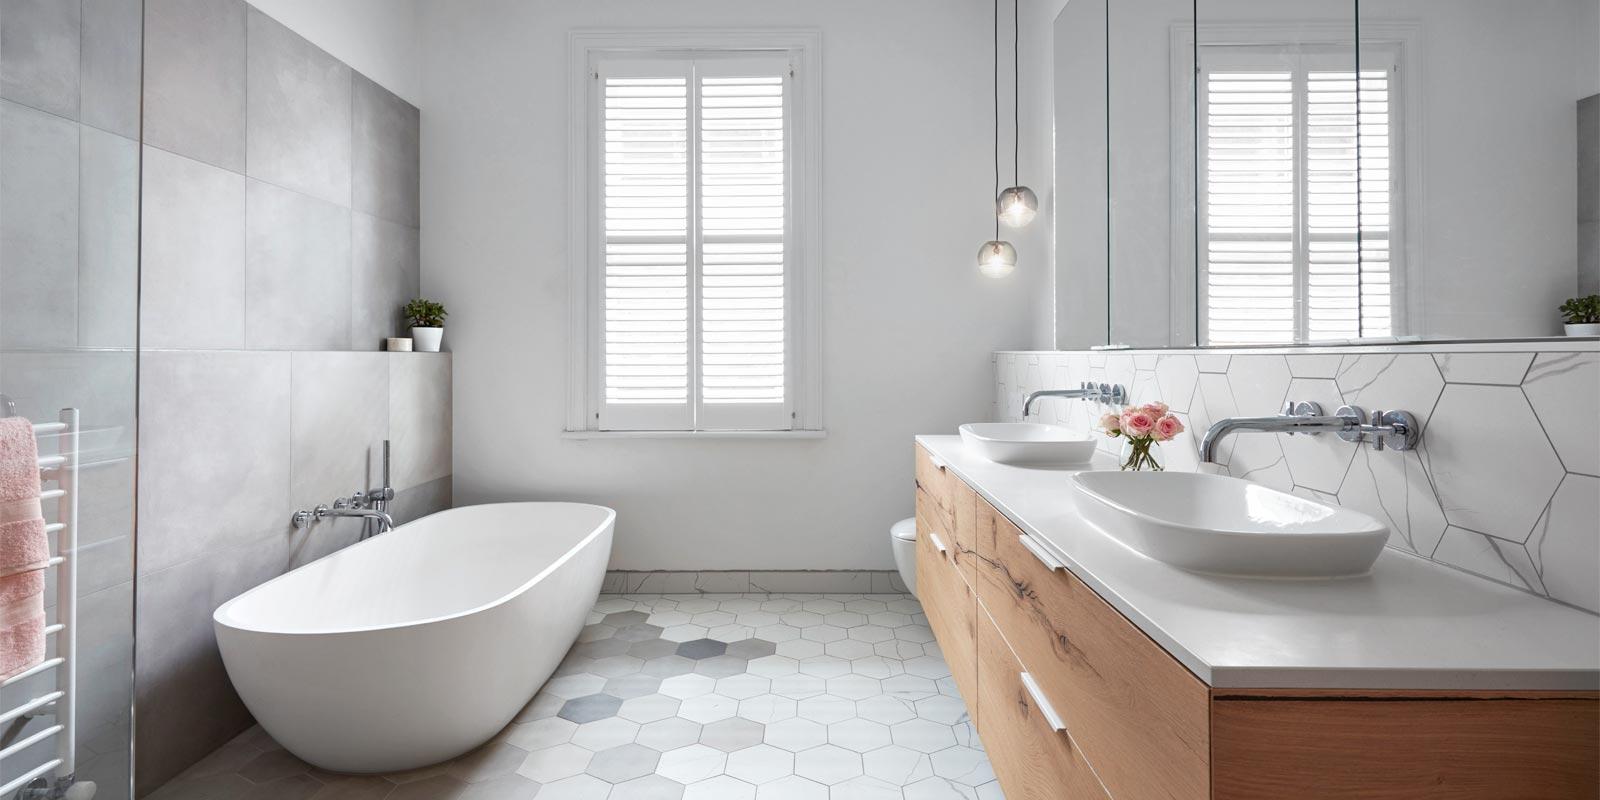 Kako odabrati ogledalo za kupaonicu?